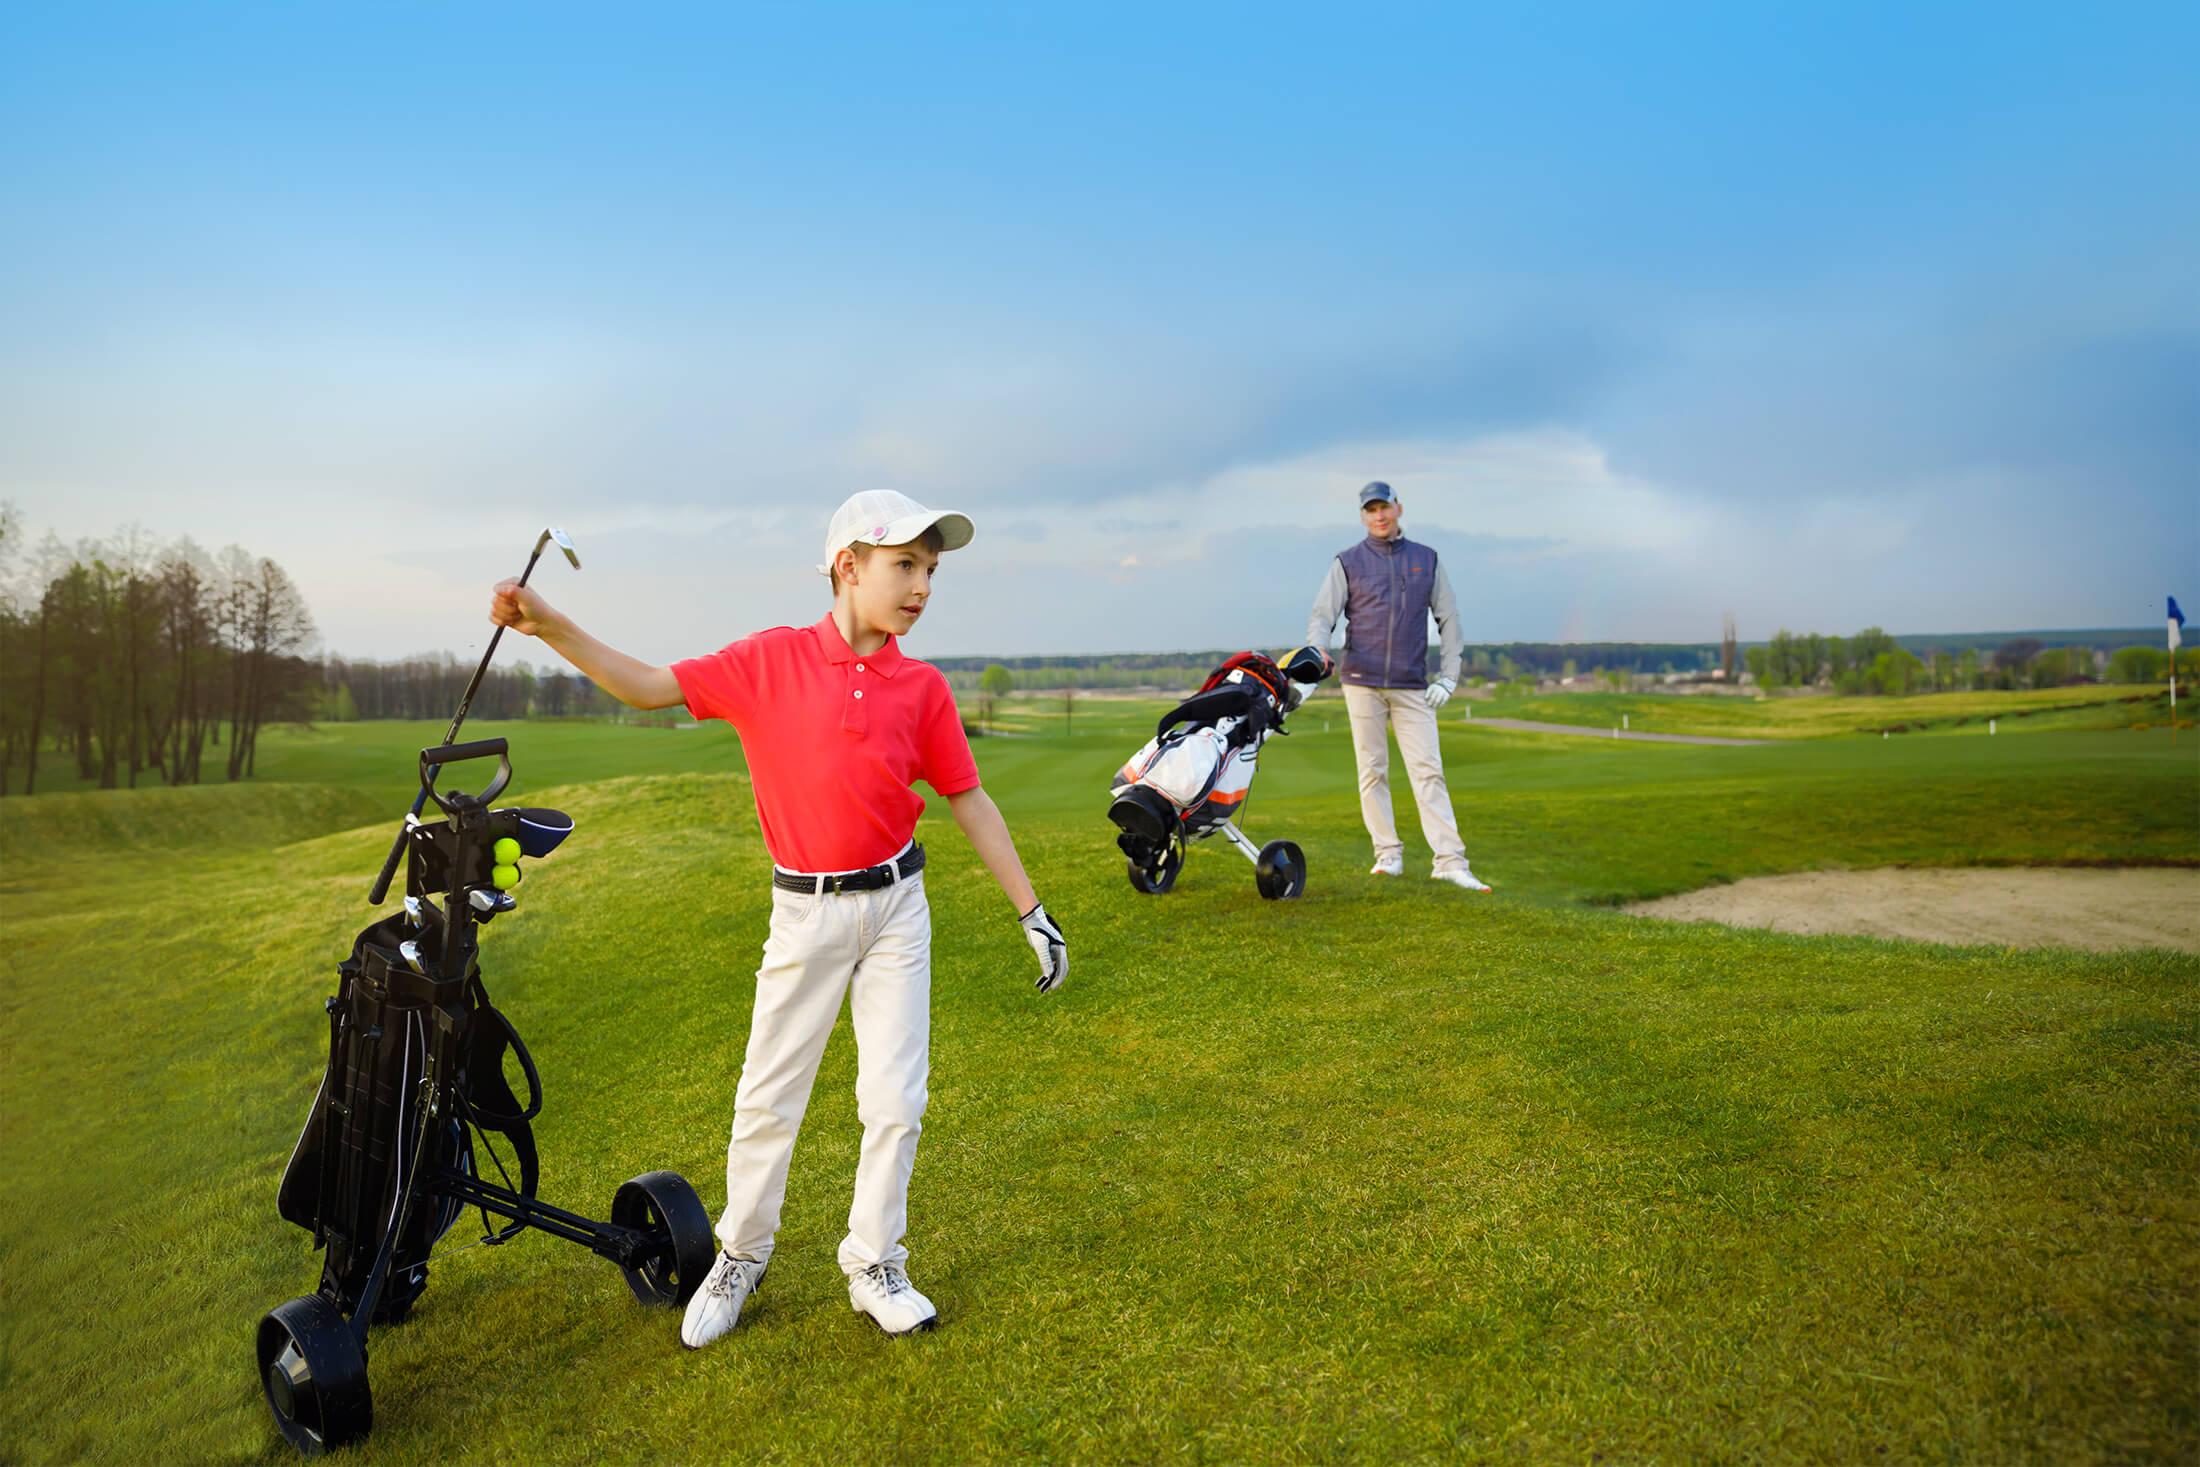 Family golf at Madden's golf resort